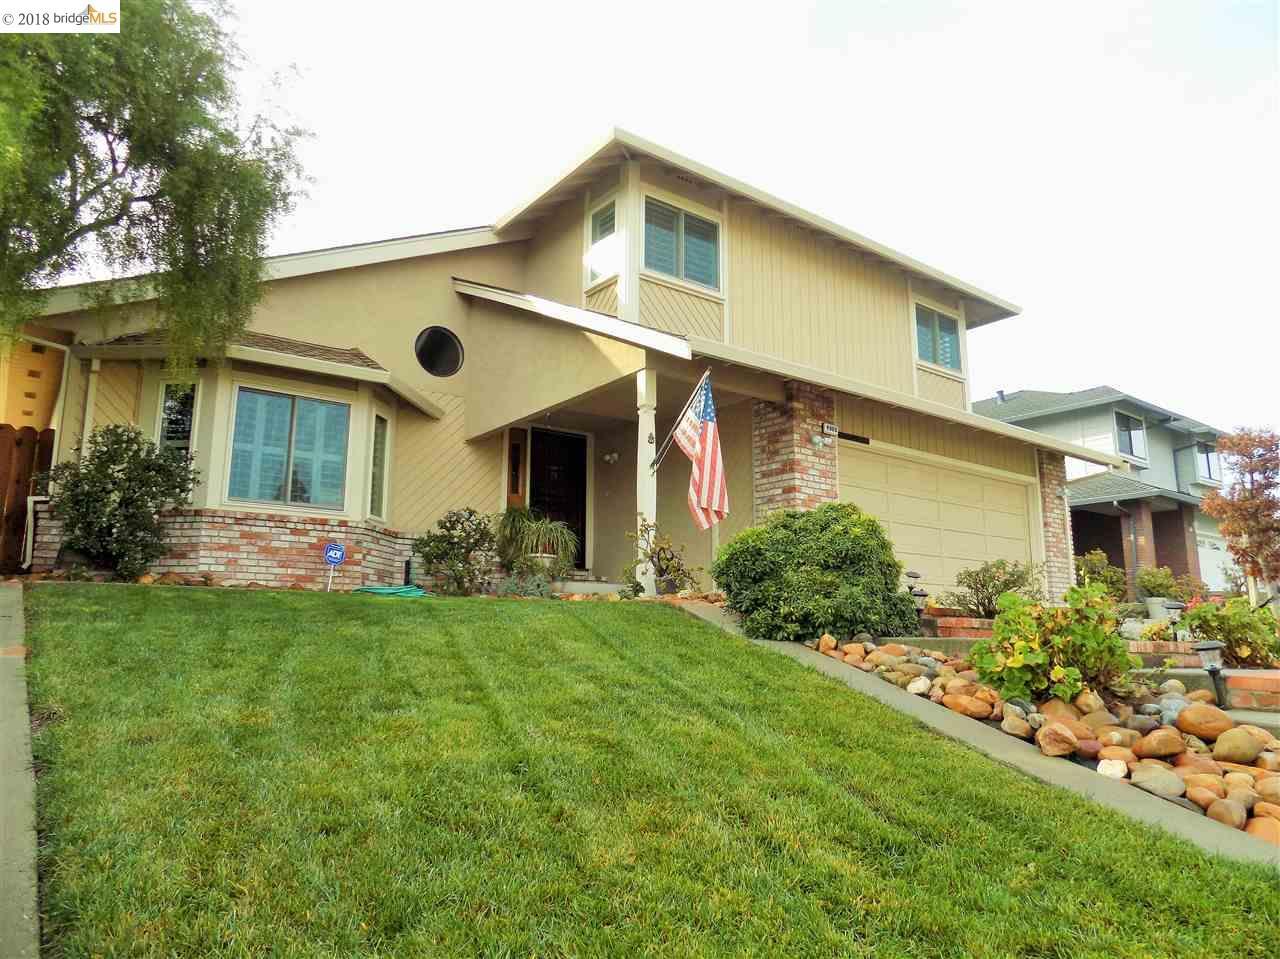 Casa Unifamiliar por un Venta en 4006 Cinnabar Street 4006 Cinnabar Street Antioch, California 94509 Estados Unidos